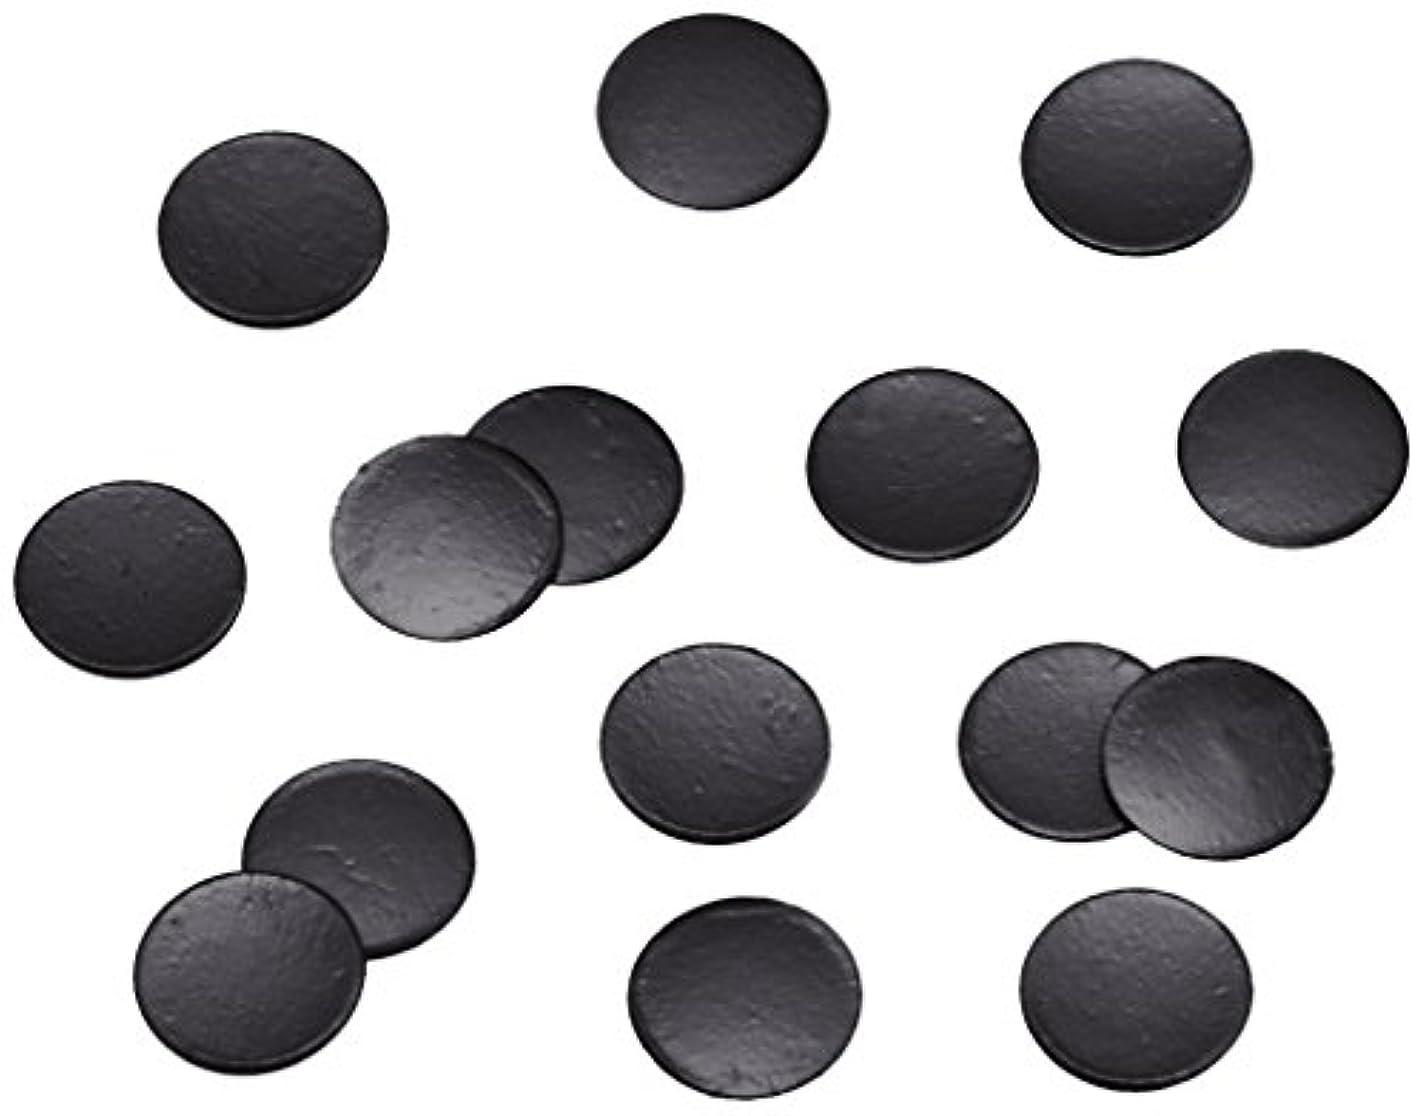 未使用荒廃するレパートリーピカエース ネイル用パウダー 丸ビビット 2.0mm #652 ブラック 0.5g